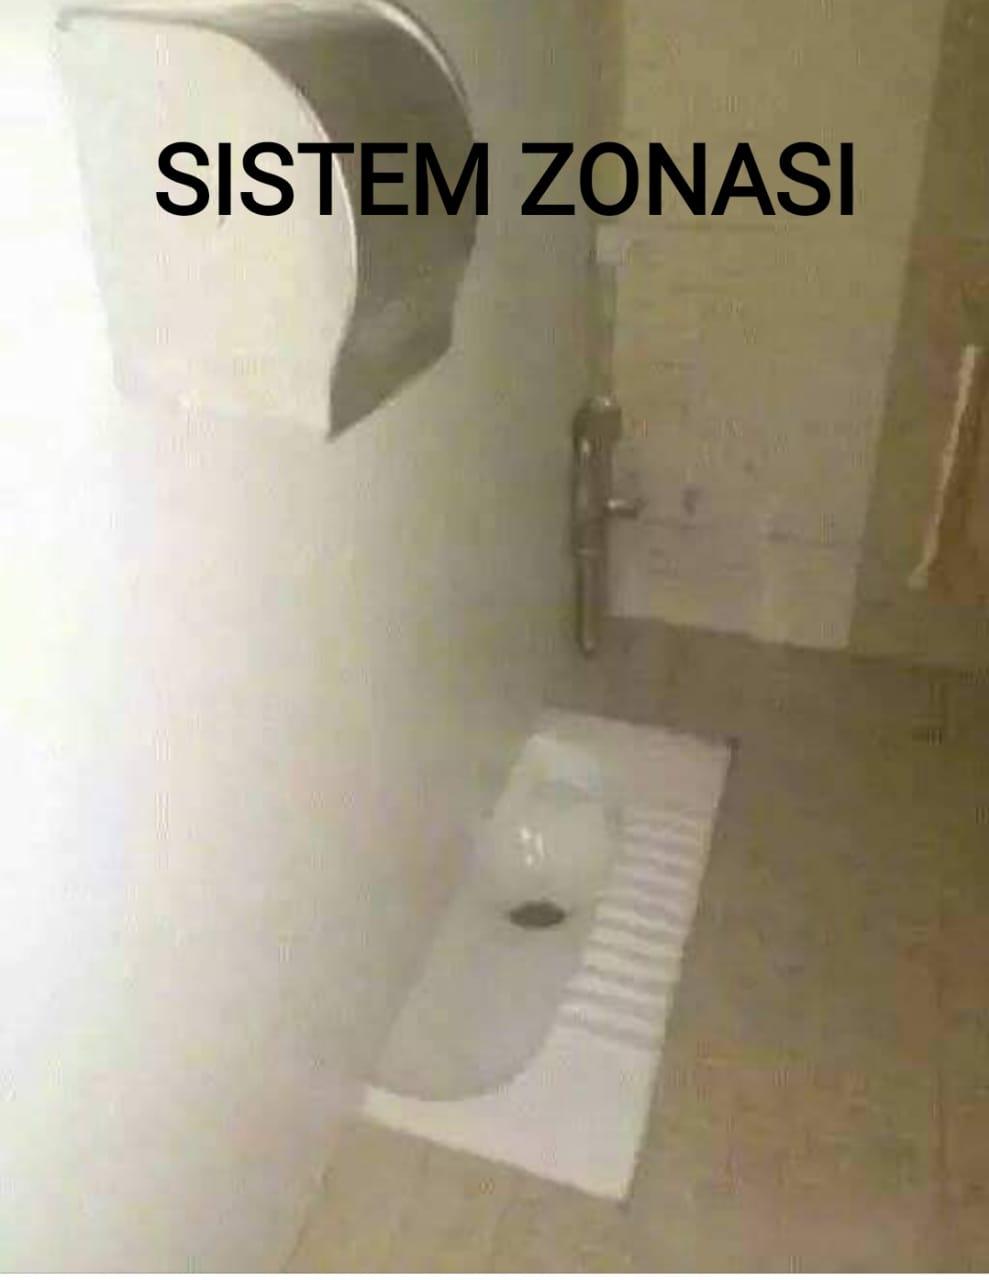 meme lucu sistem zonasi © berbagai sumber